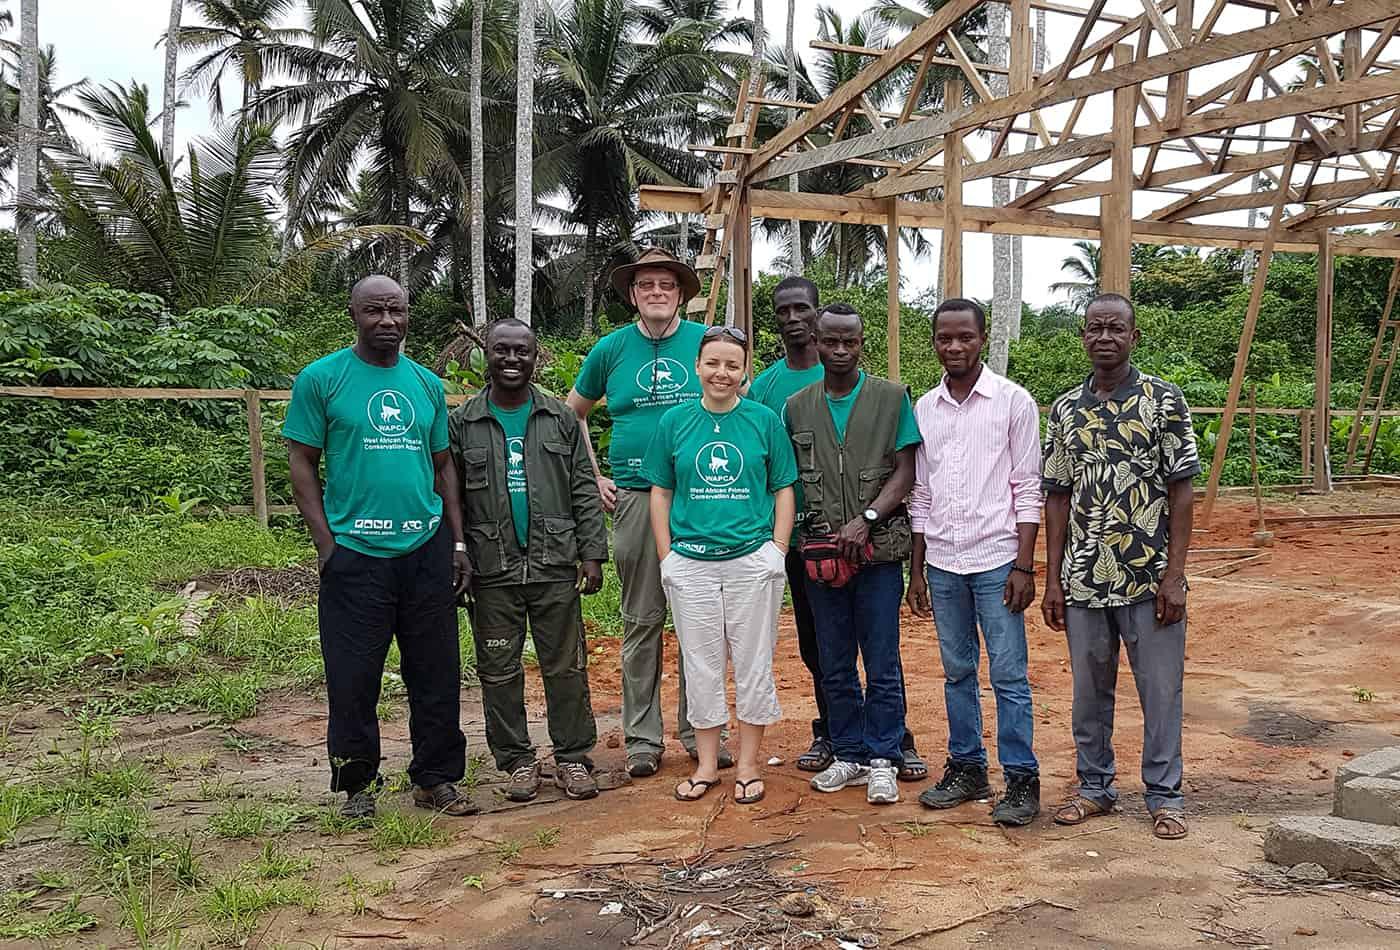 Zoodirektor Dr. Klaus Wünnemann (3.v.l.) gemeinsam mit dem WAPCA-Team in Ghana. Andrea Dempsey (Mitte) koordiniert das Projekt direkt vor Ort. (Foto: K.W./Zoo Heidelberg)